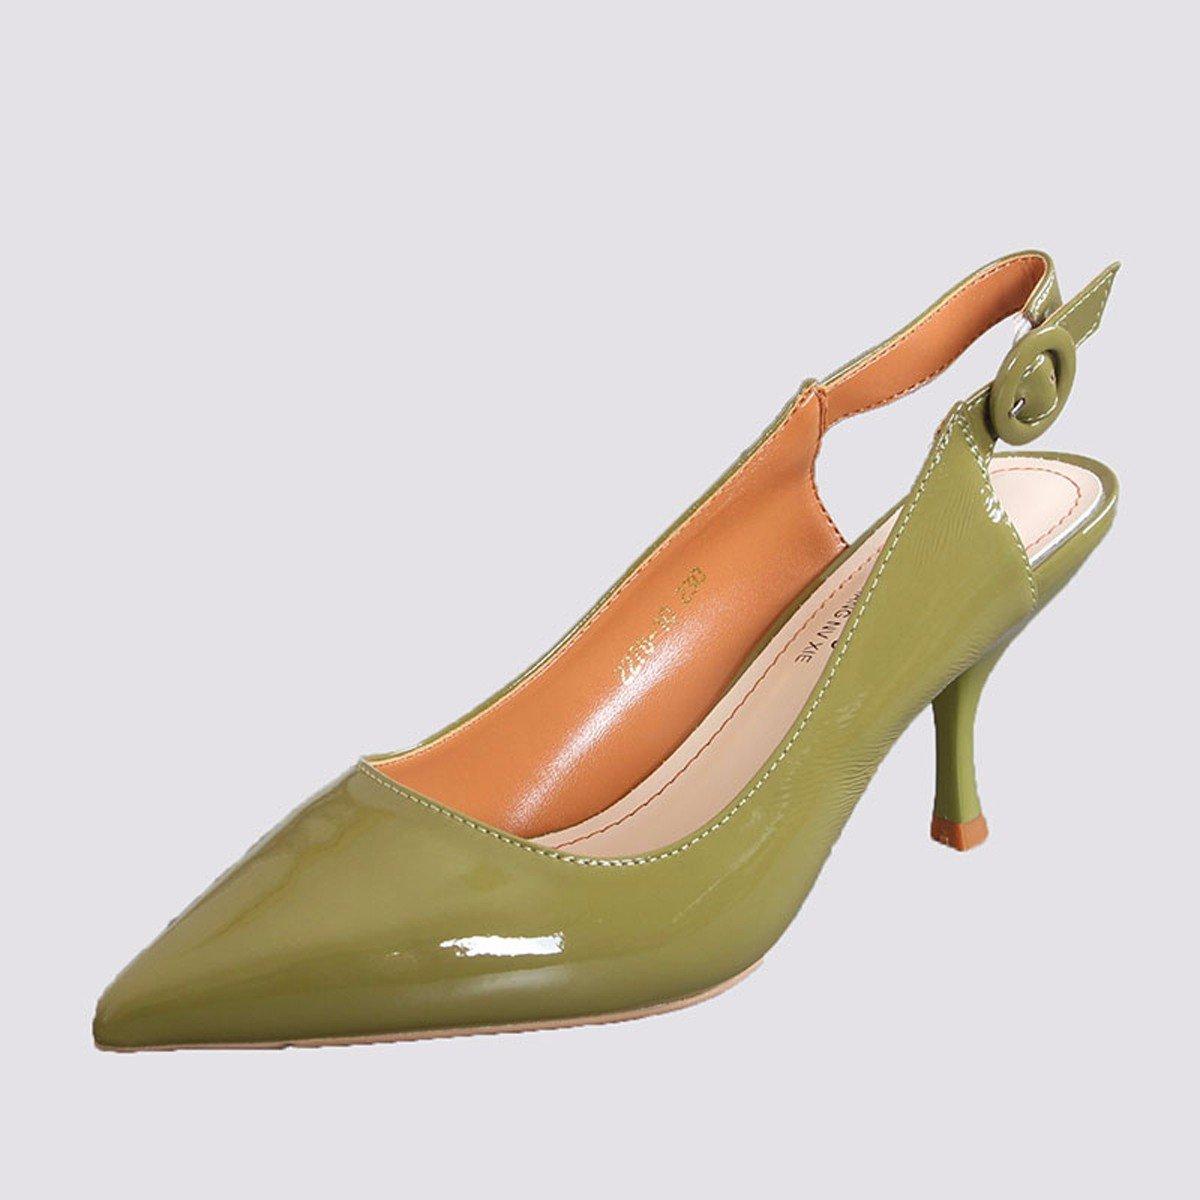 KPHY Scarpe da Donna già 8Cm High Heeled Sandali D'Accordo con La Moda Scarpe da Donna Summer Sexy Wild Baotou Dopo Vuoto 35 verde